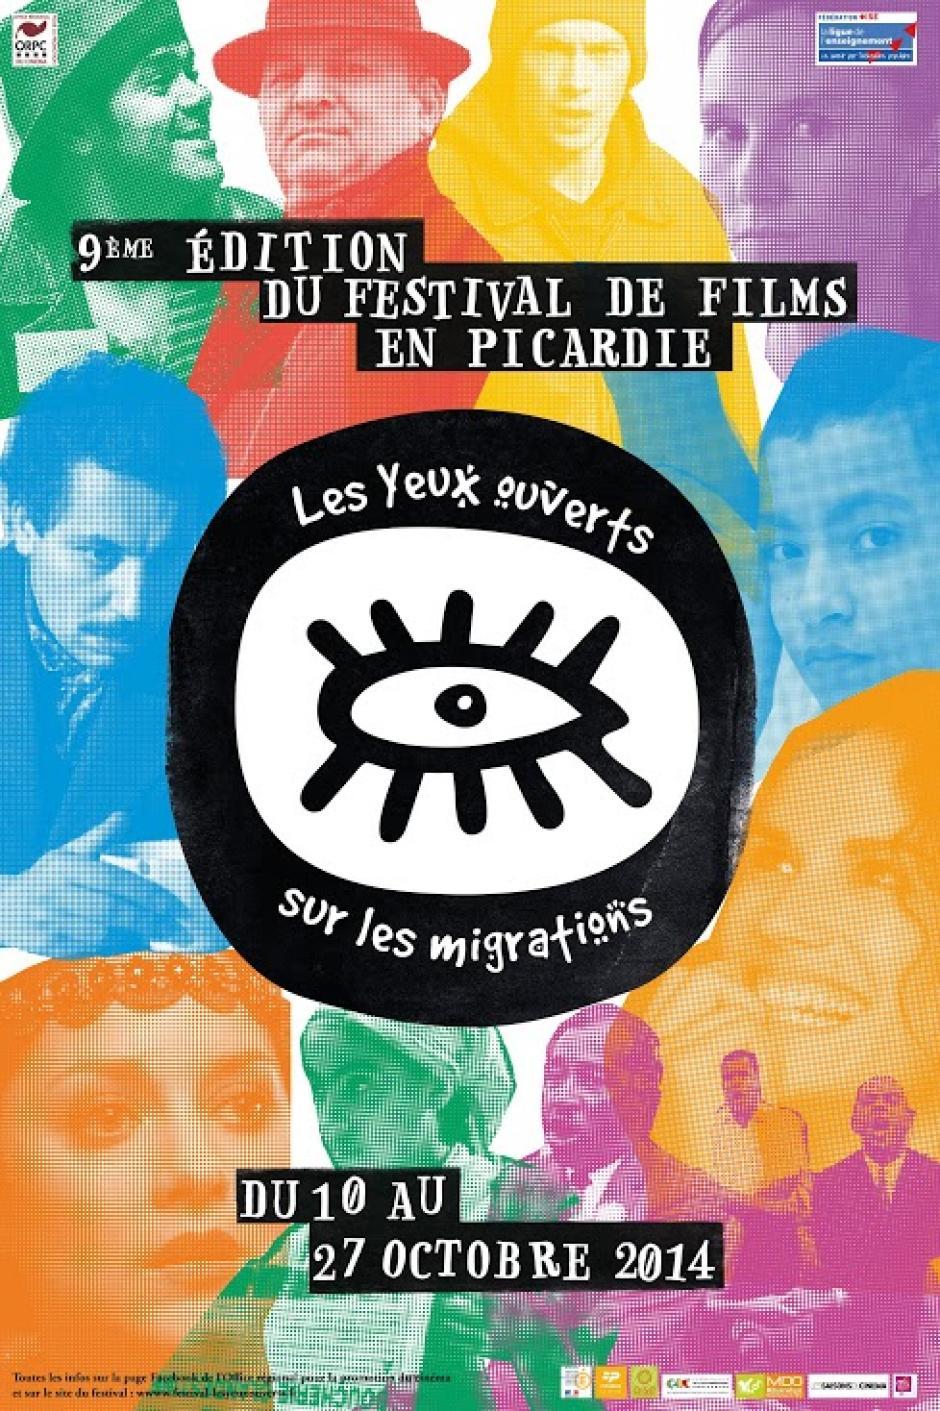 Du 10 au 27 octobre, Picardie - 9e édition « Les yeux ouverts sur les migrations »